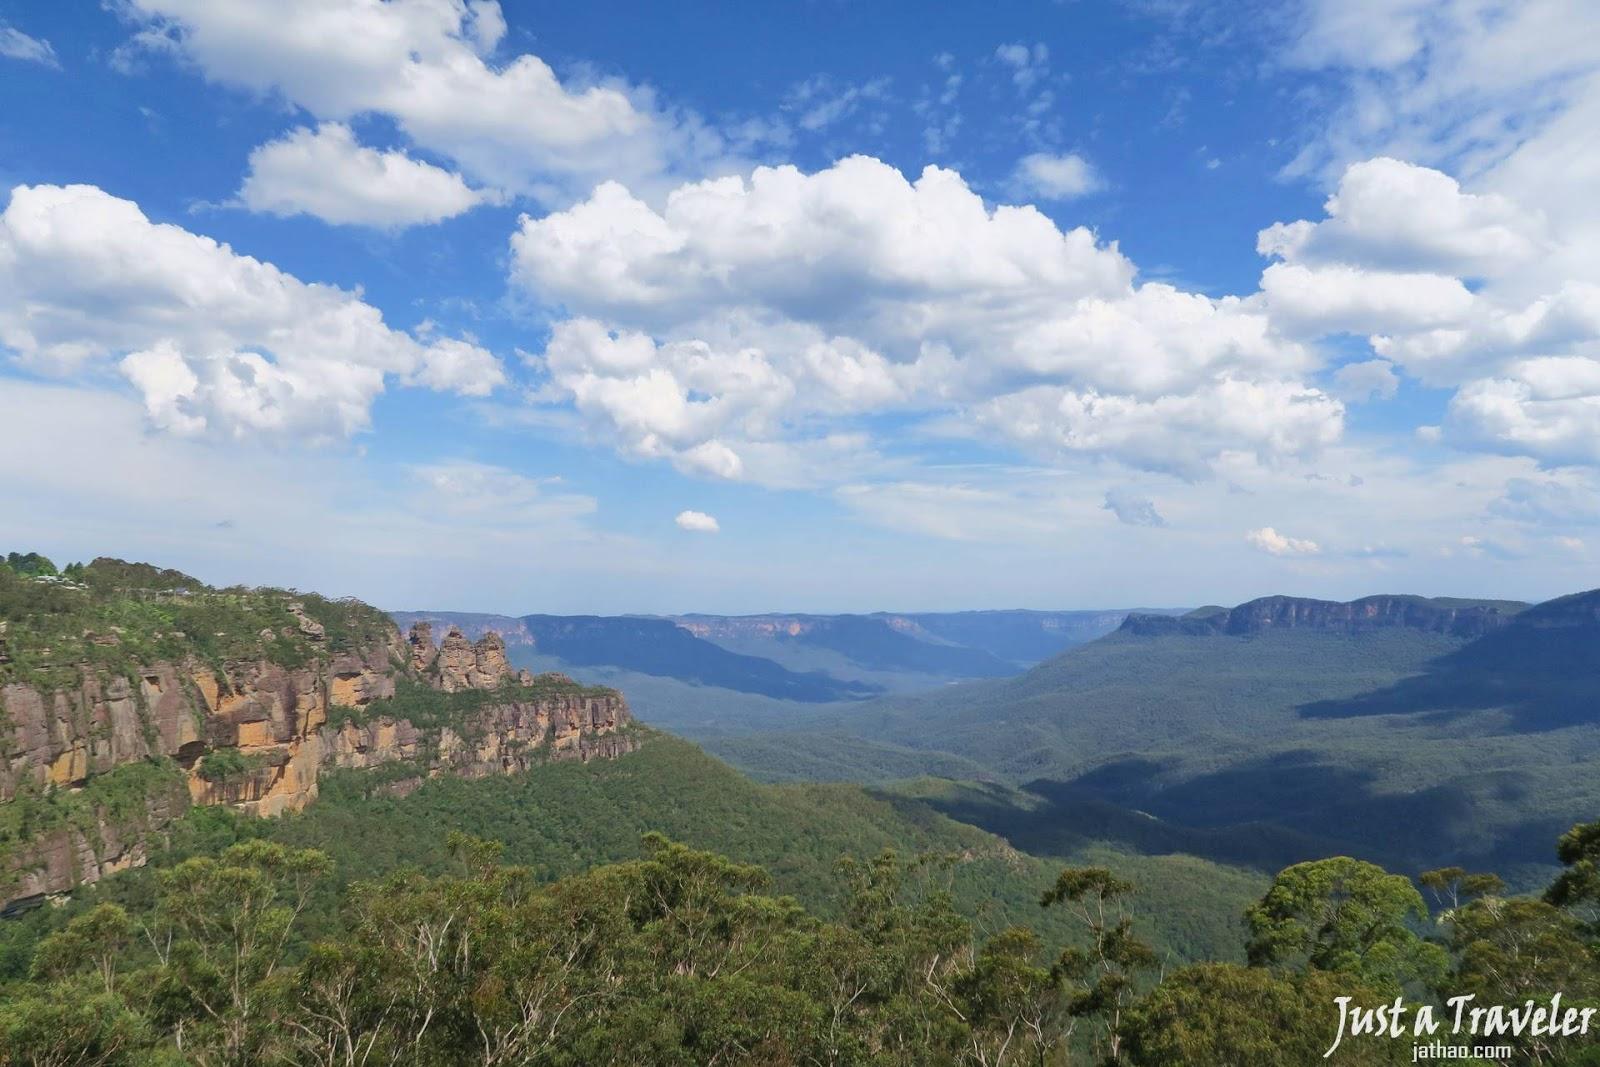 雪梨-藍山景點-藍山-藍山行程-藍山交通-藍山旅遊-藍山自由行-澳洲藍山-Sydney-Blue-Mountains-Tourist-Attraction-Travel-Australia